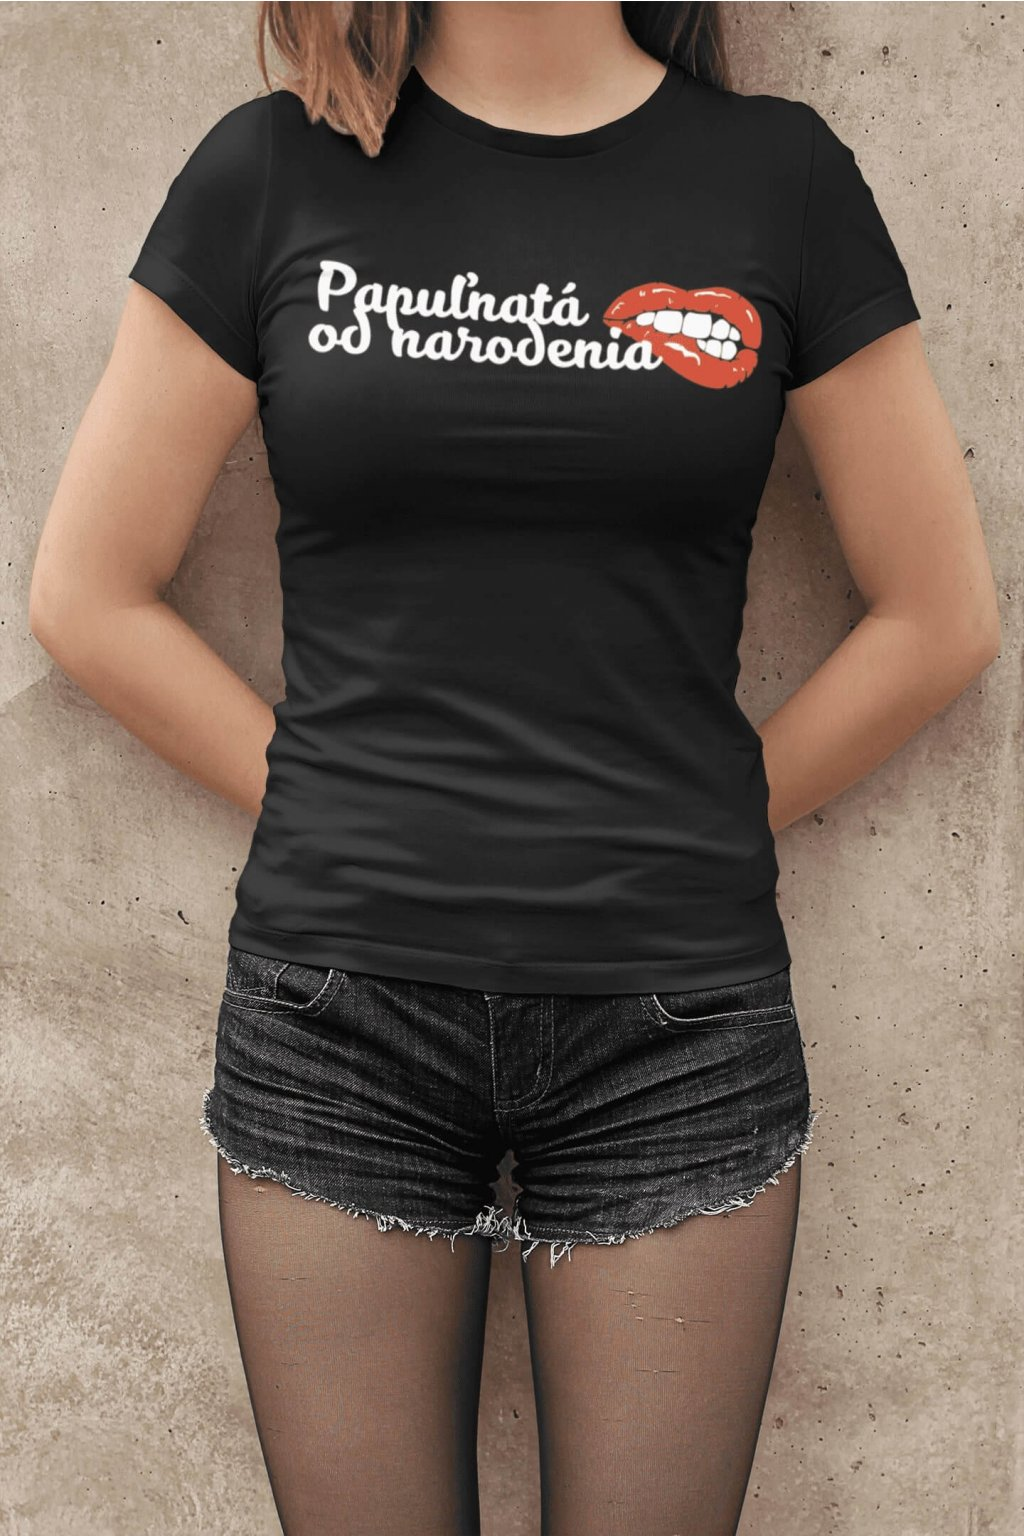 Dámske tričko Papuľnatá od narodenia